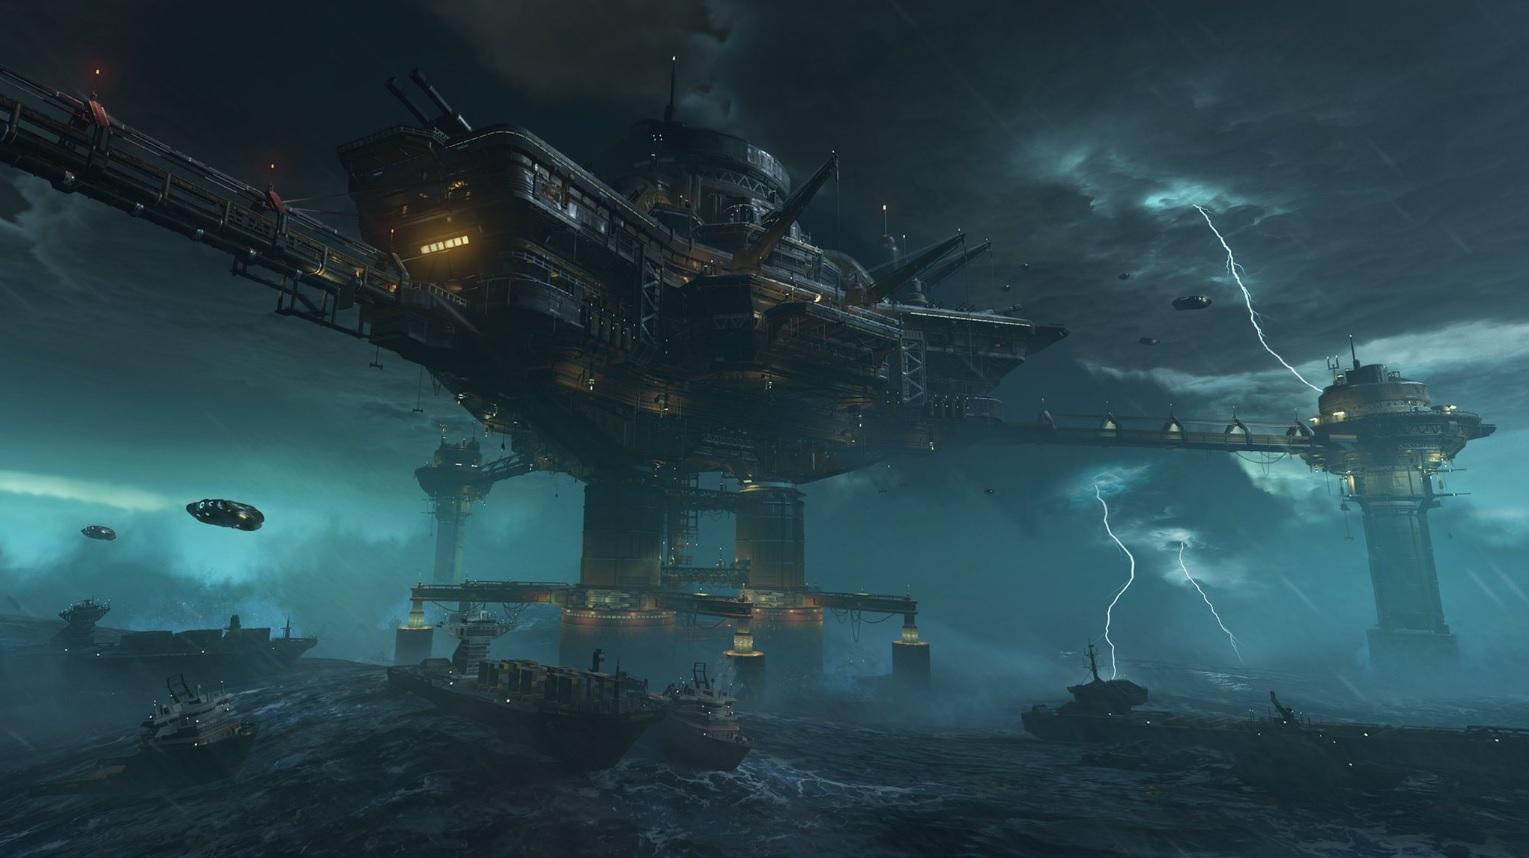 لا تحتوي لقطات Doom Eternal DLC على شياطين أو عنف ، فكيف يمكننا التأكد من أنها Doom؟ 2